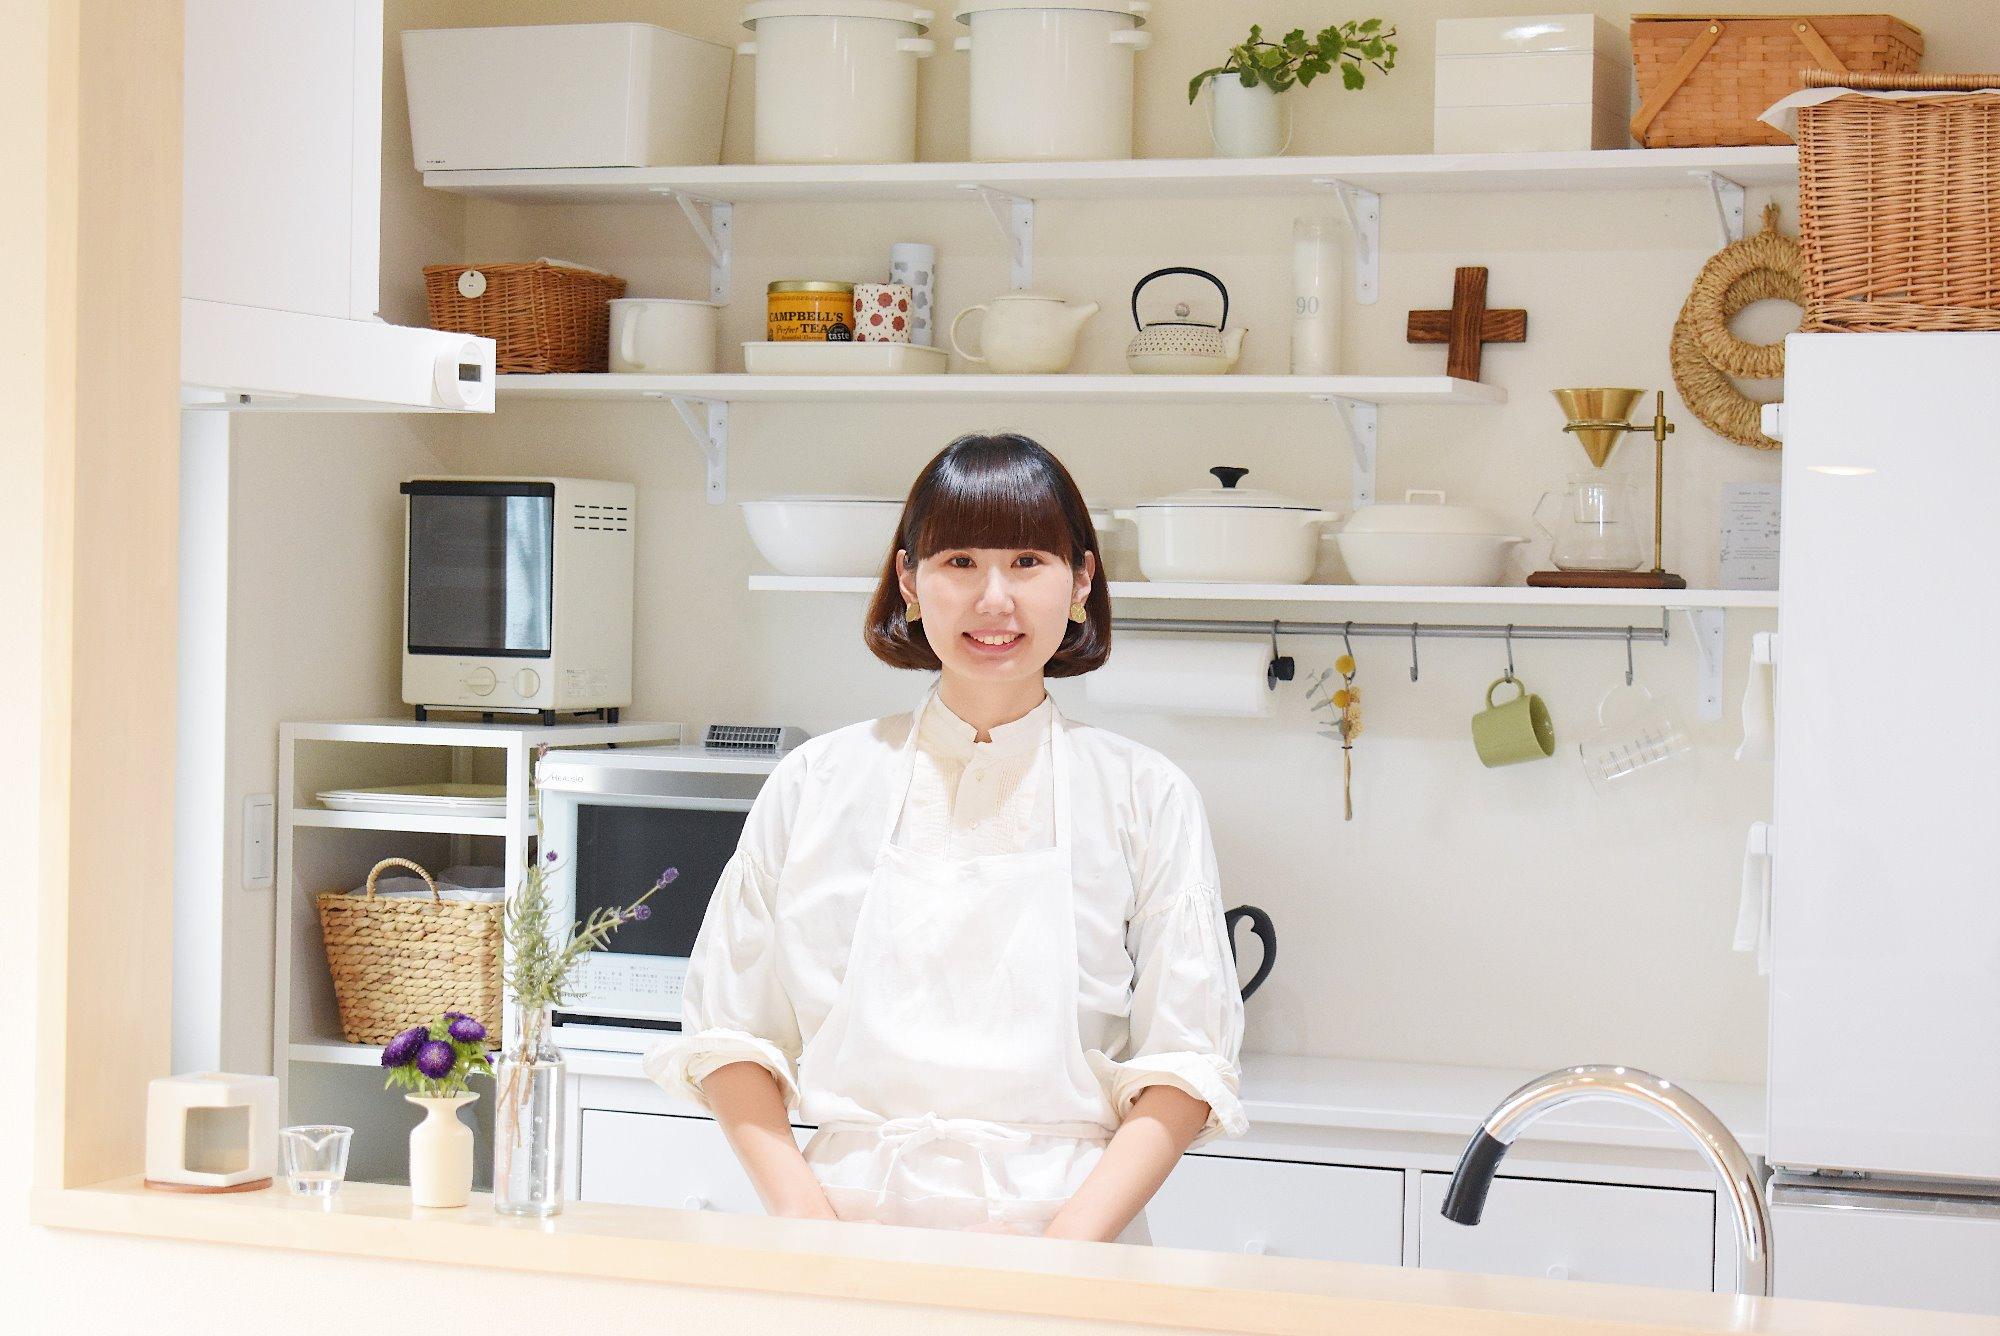 【HDC大阪 くらし向上計画】おさよさん直伝!忙しい家事がスムーズにまわりだす!家事ぐせ講座